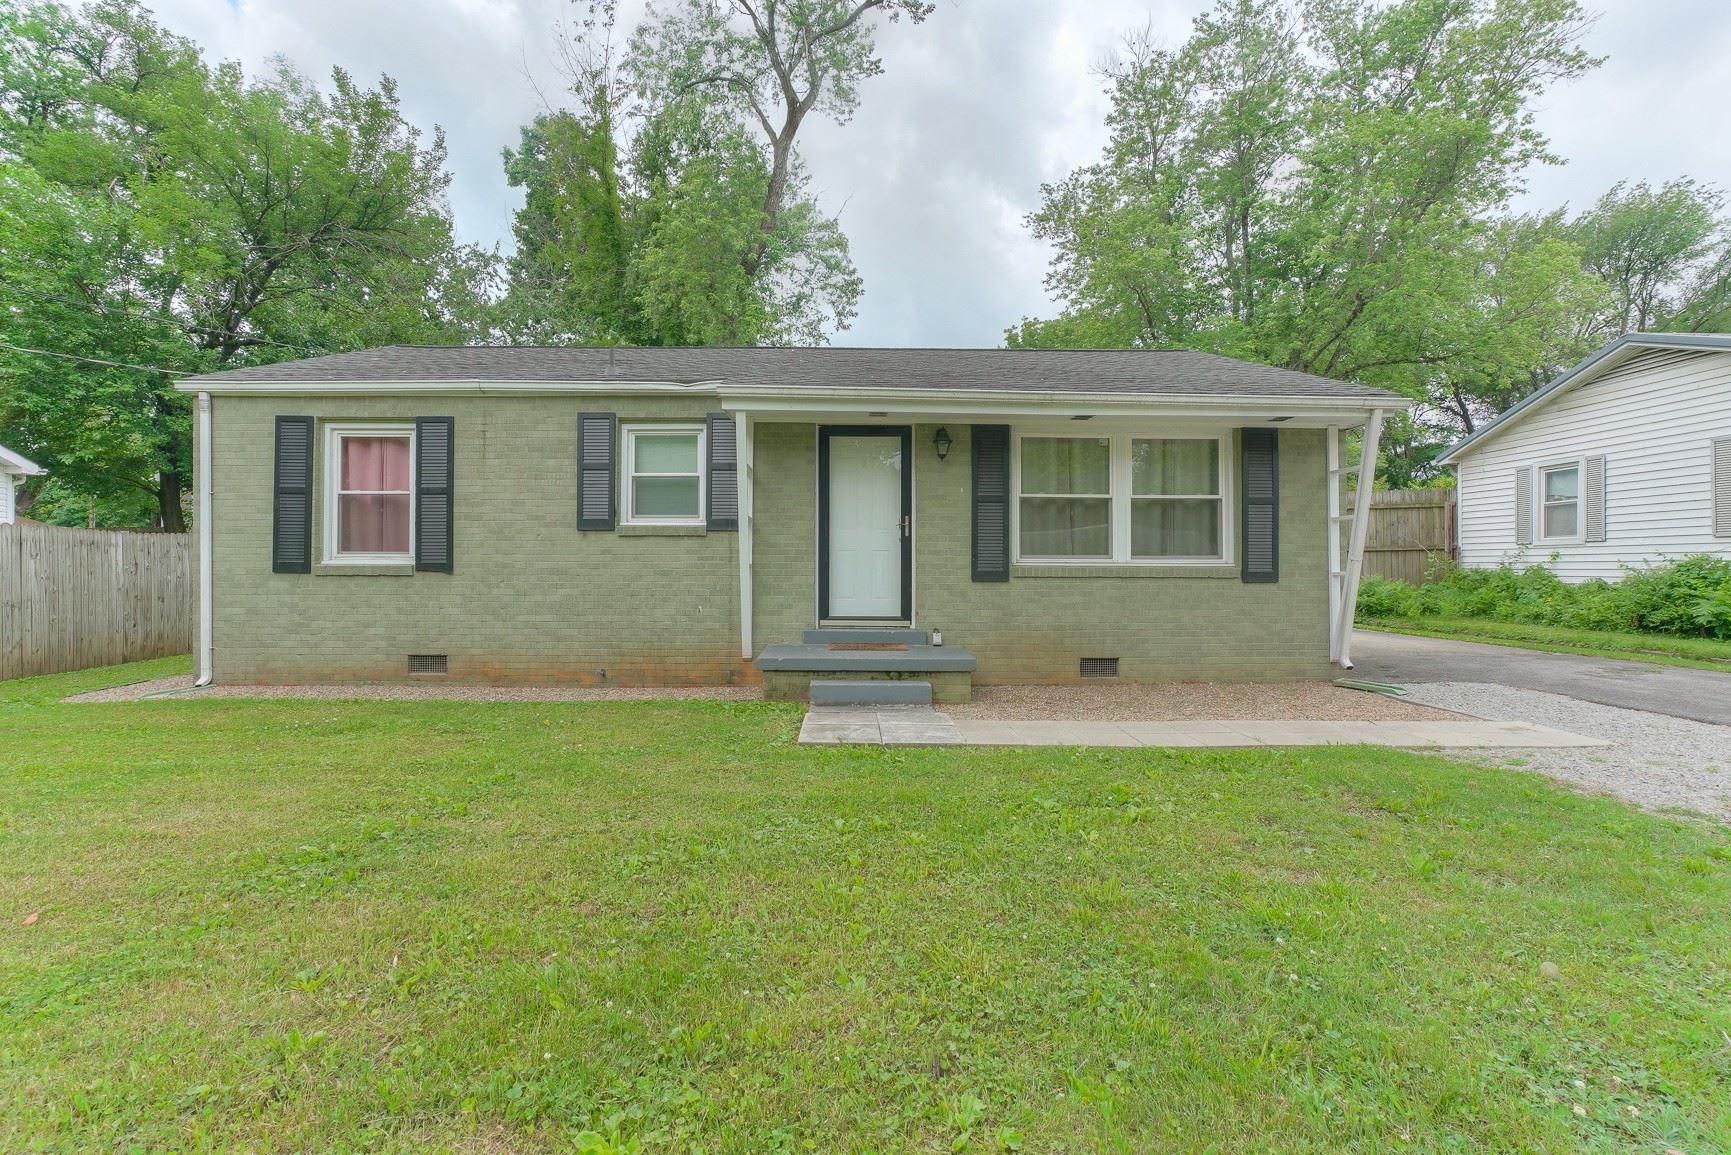 905 Velma Ln, Murfreesboro, TN 37129 - MLS#: 2261604